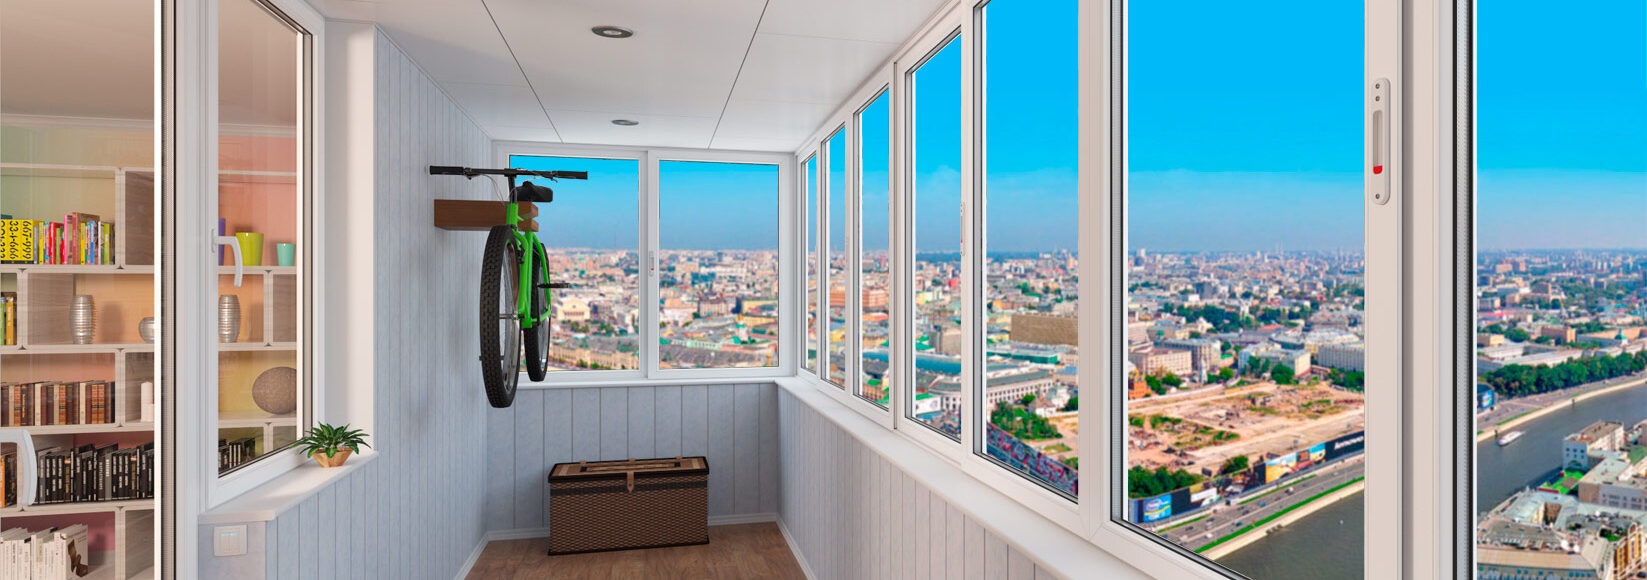 Основные моменты остекления балконов и лоджий